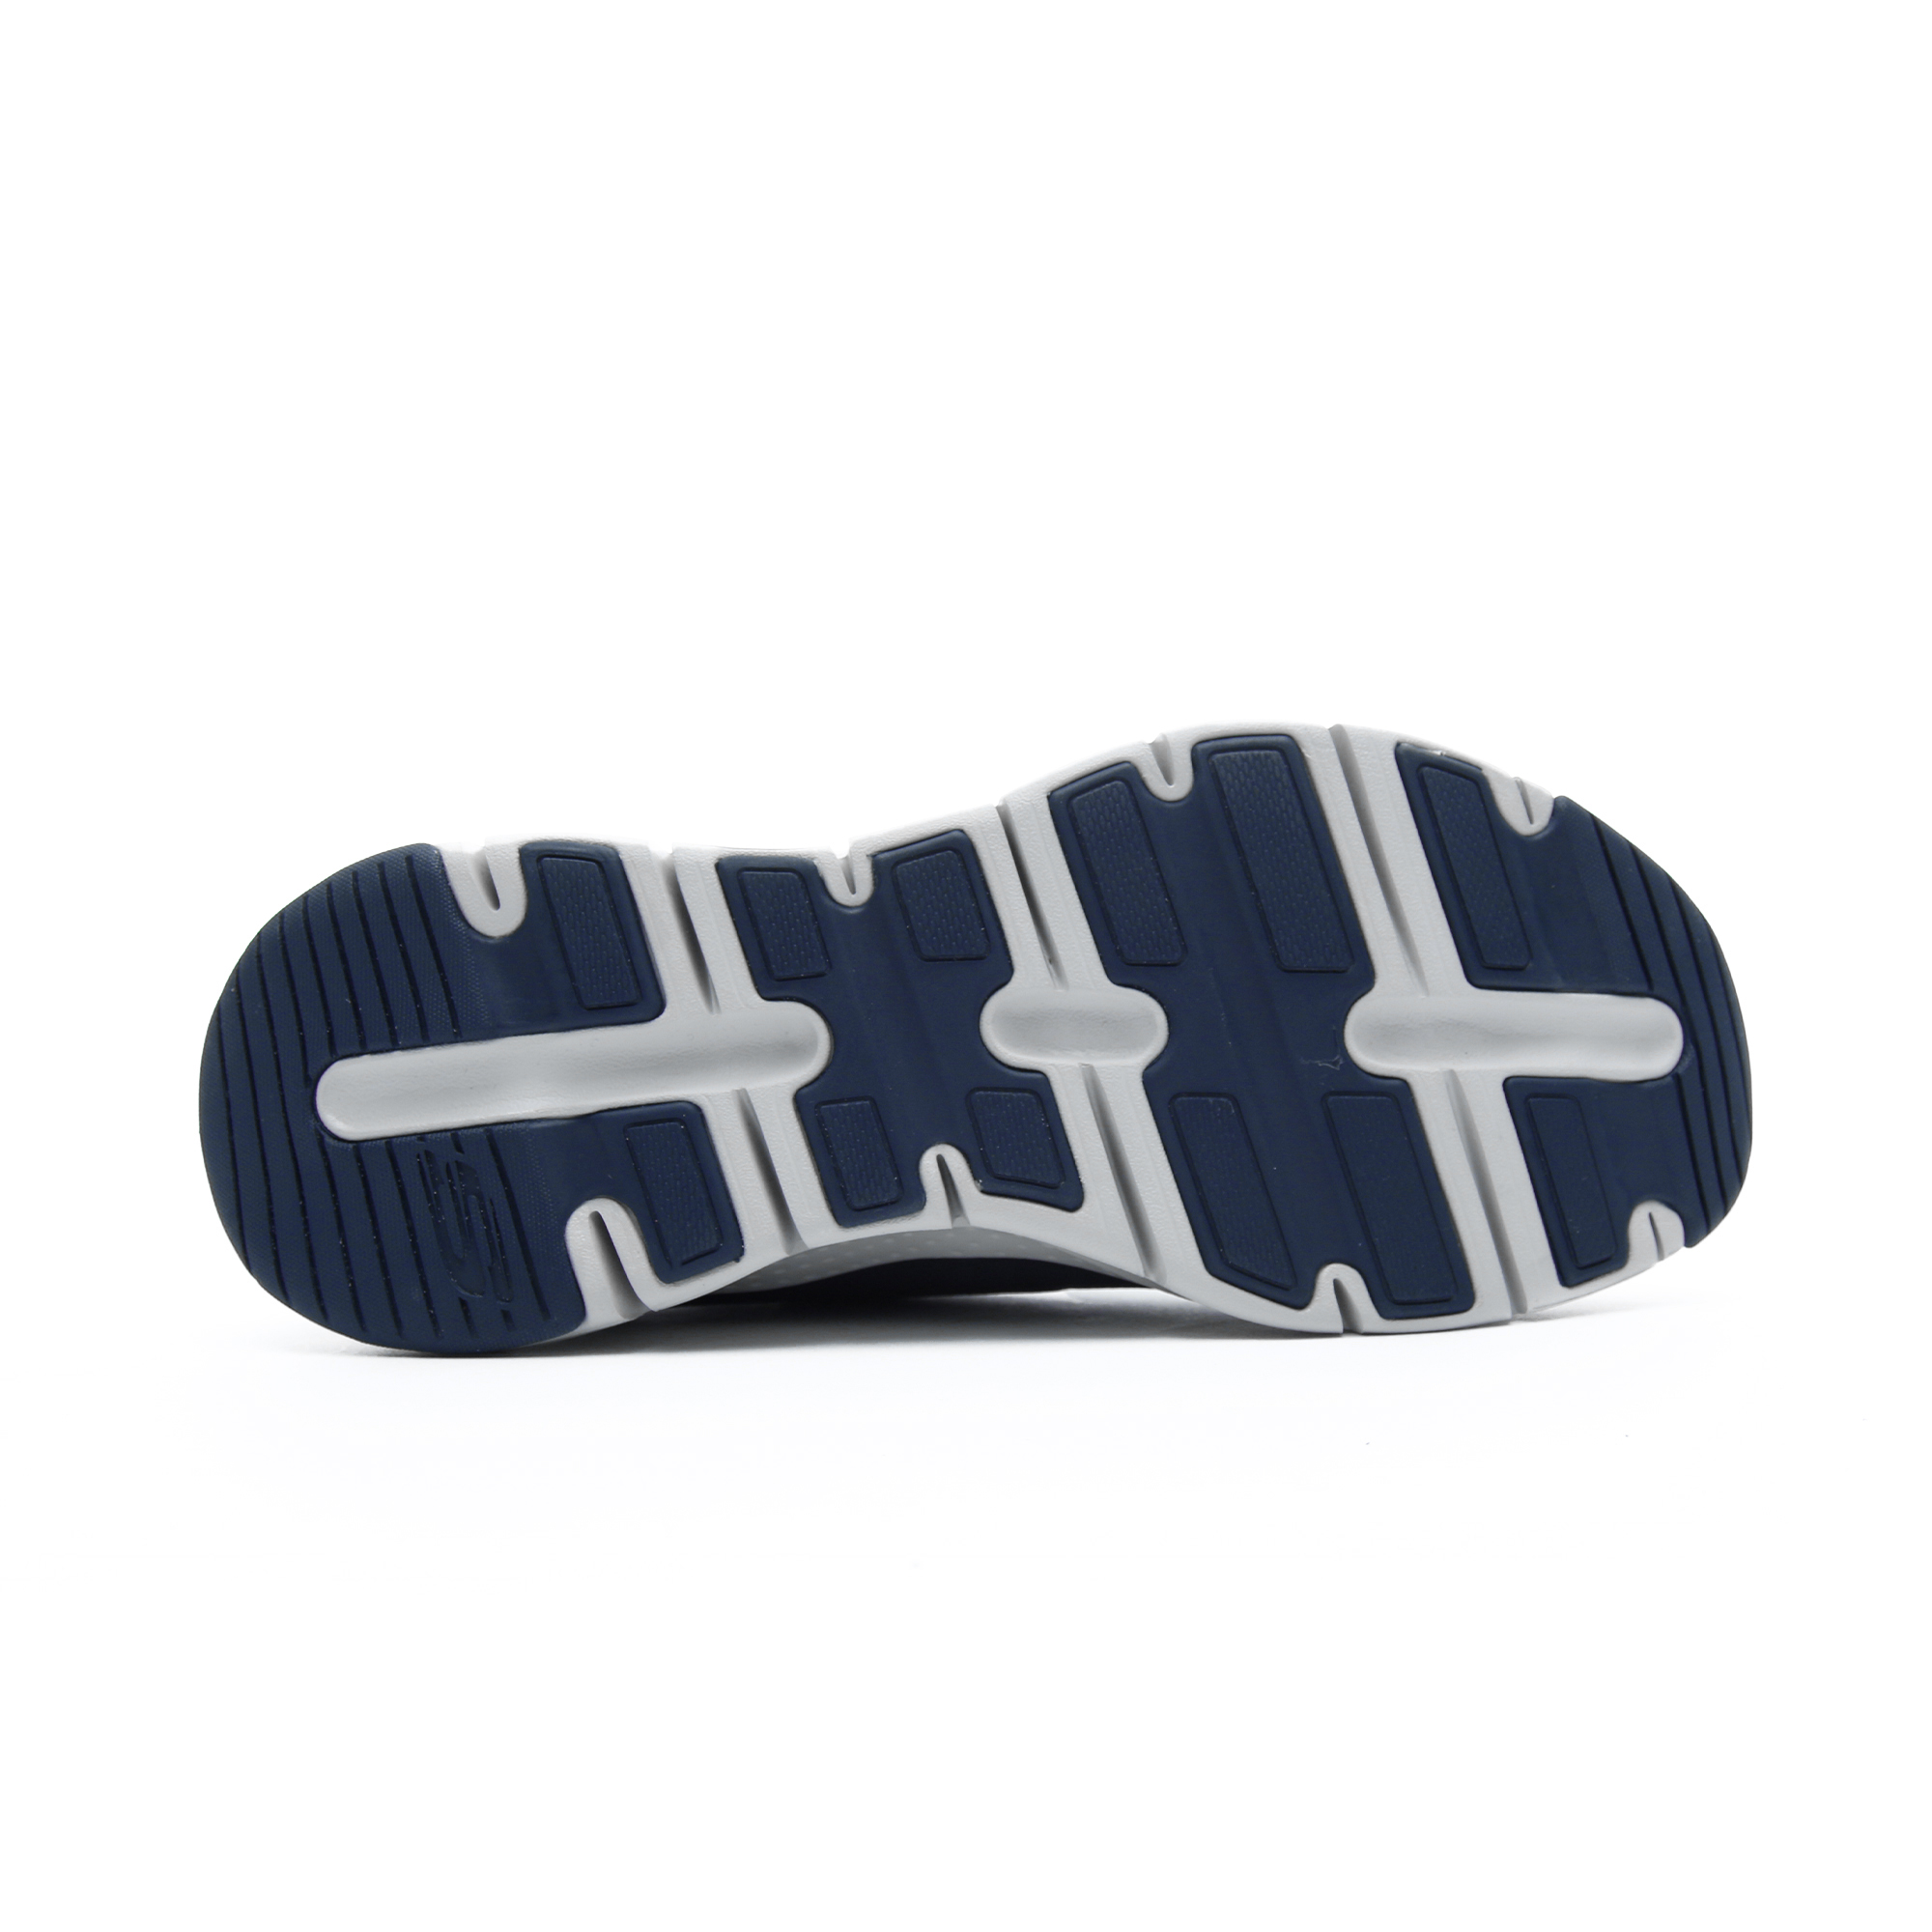 Skechers Arch Fit Erkek Lacivert Spor Ayakkabı